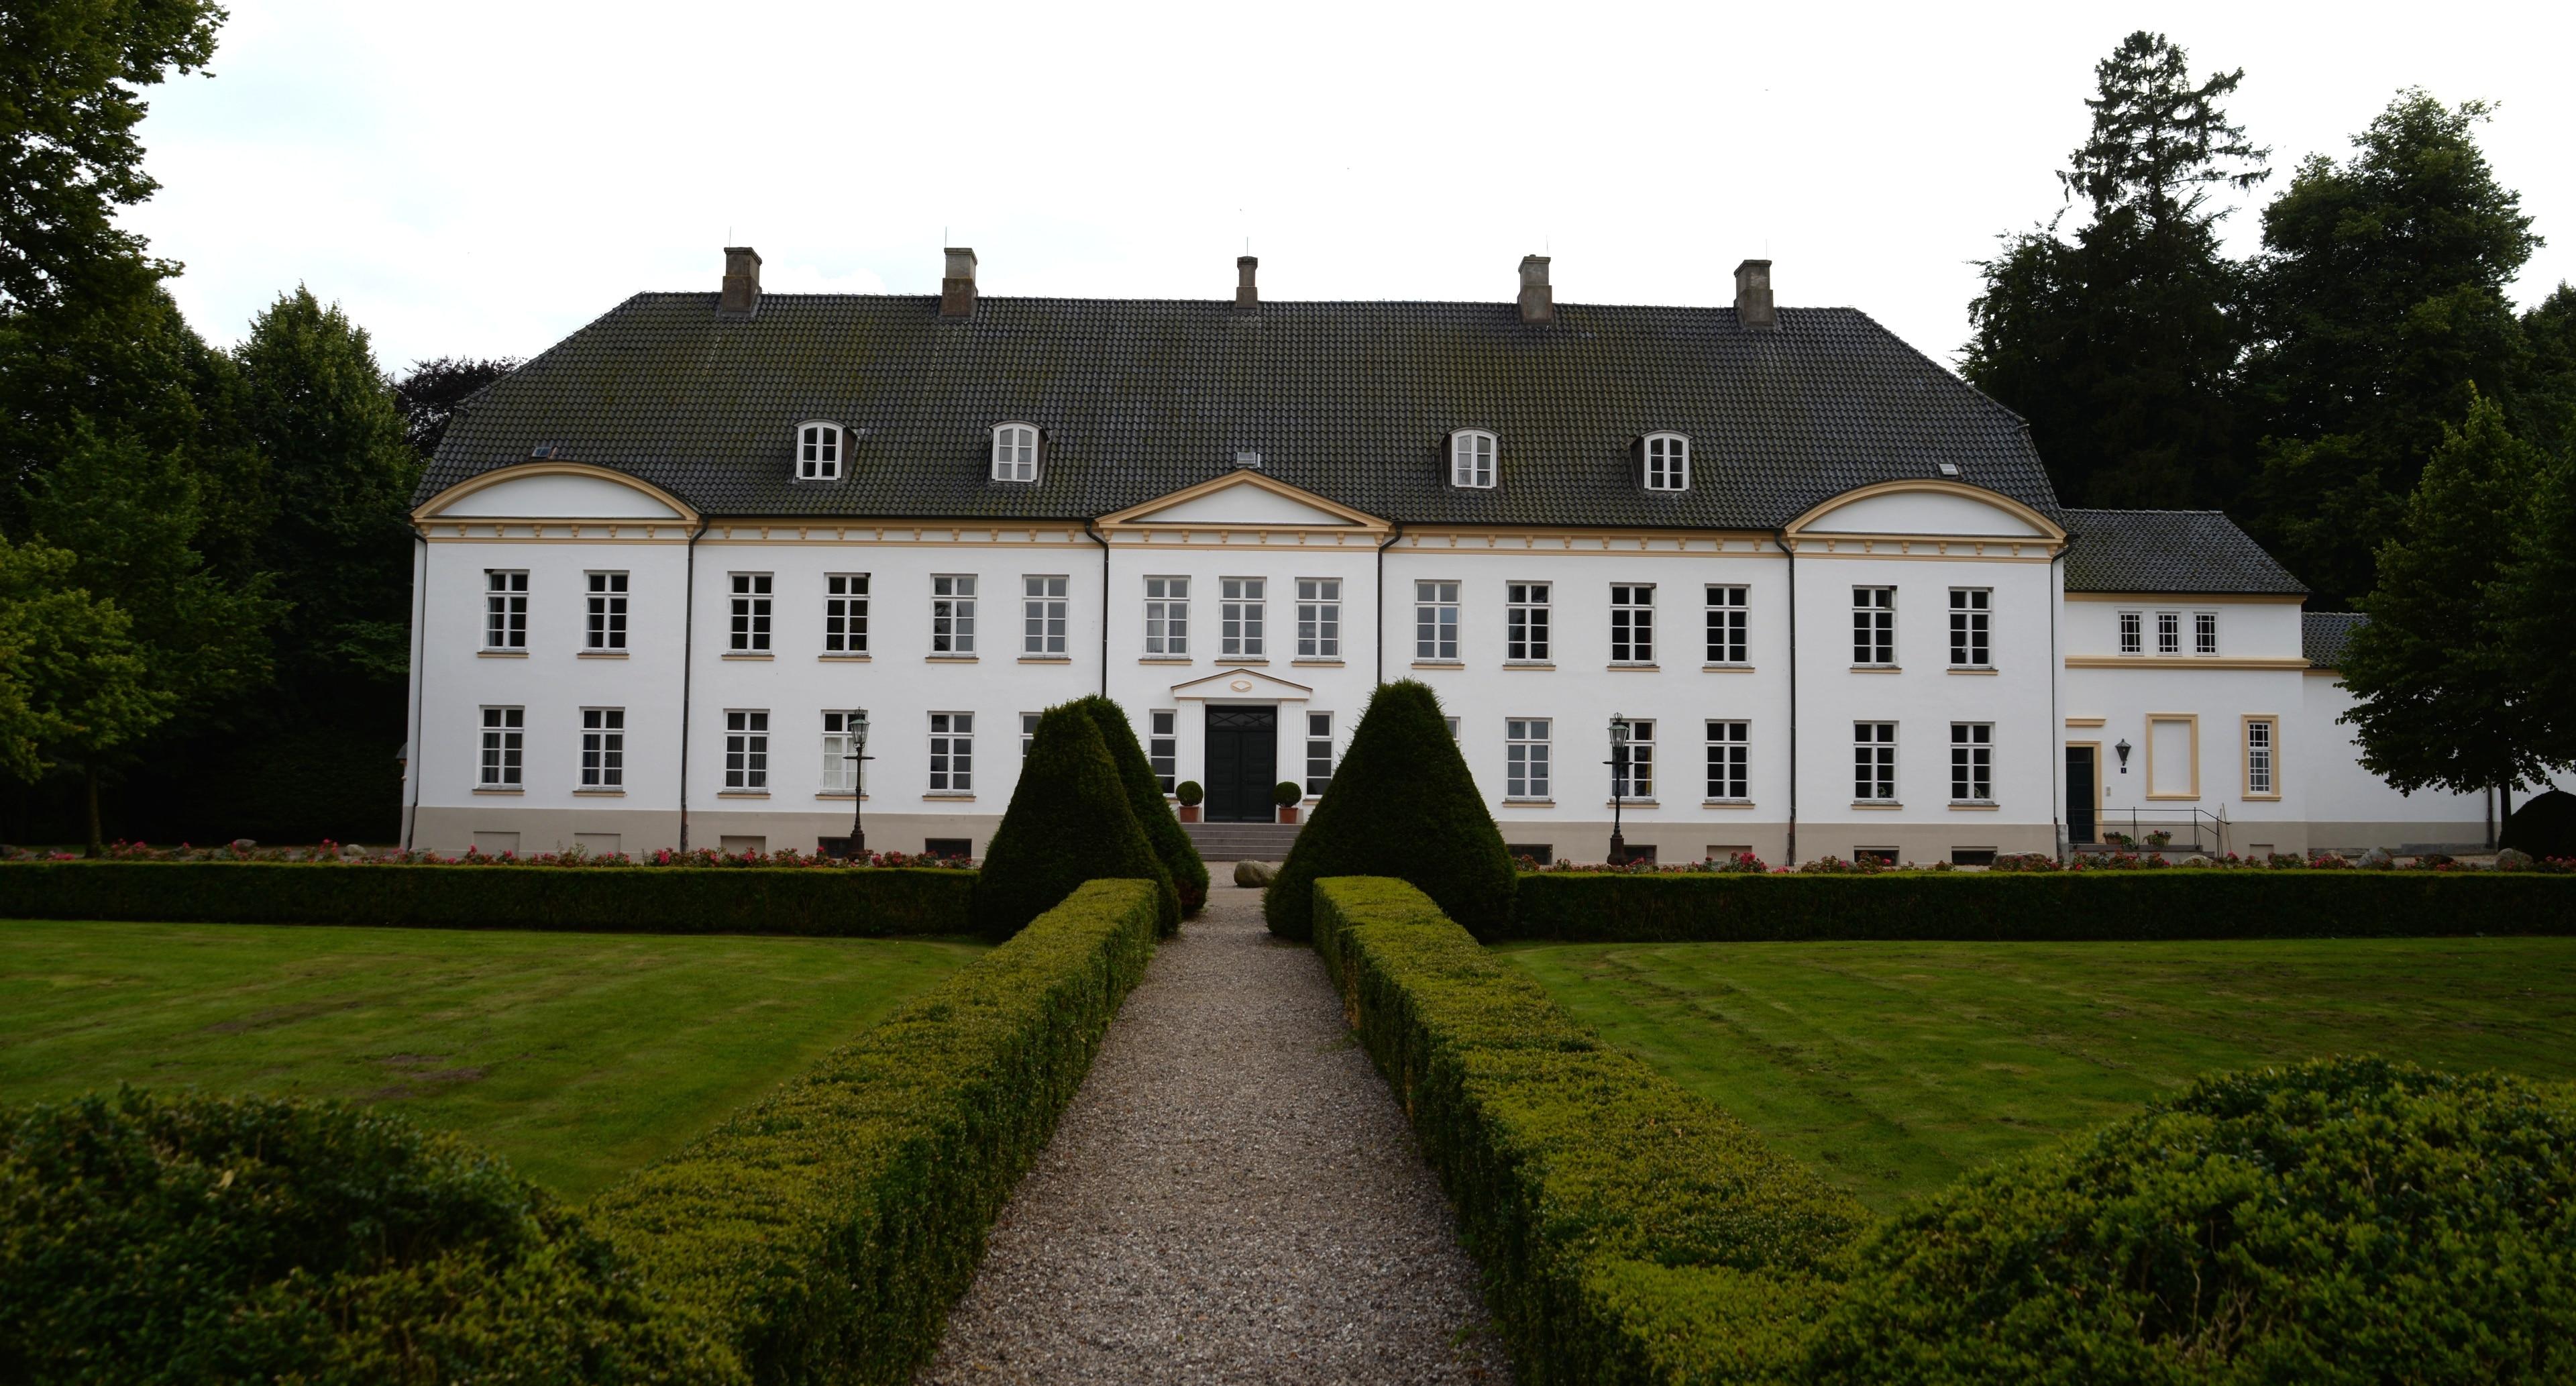 Güby, Schleswig-Holstein